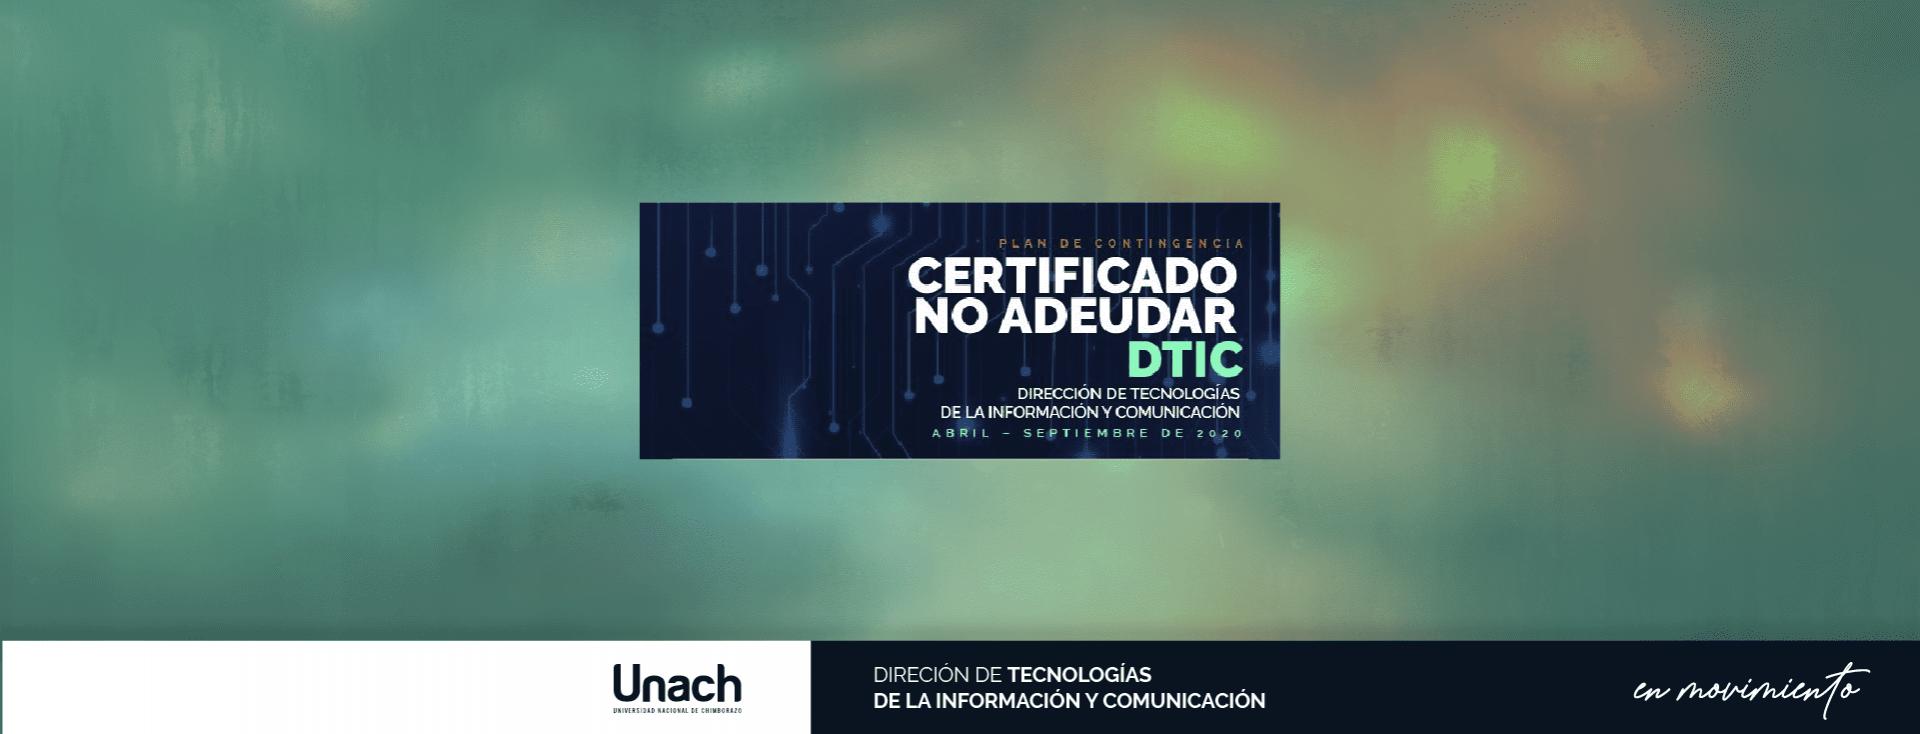 CERTIFICADO DE NO ADEUDAR DTIC